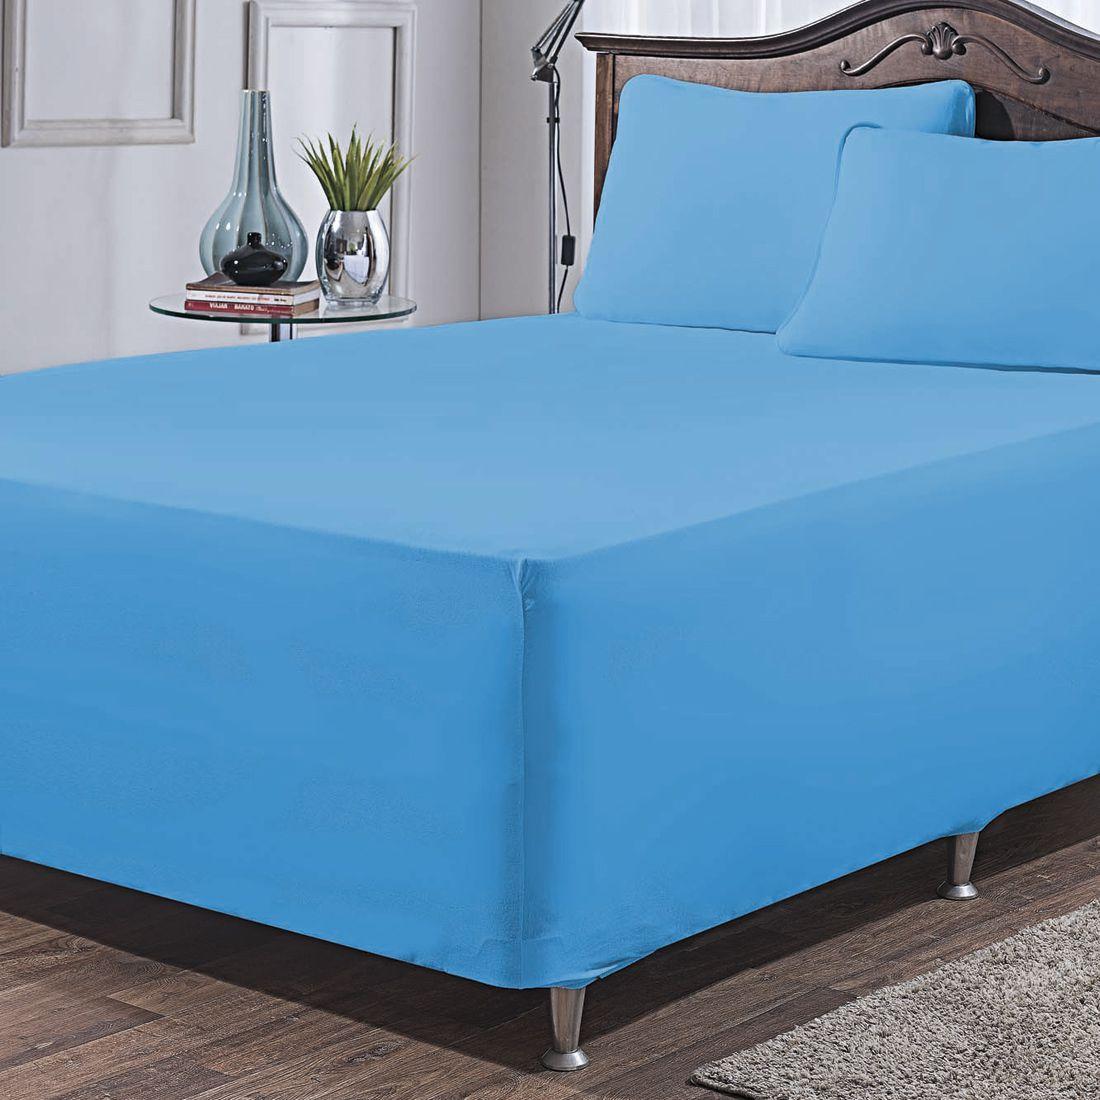 Jogo de Lençol p/ Cama Box Complet Azul Casal 03 Peças - Malha 100% Algodão